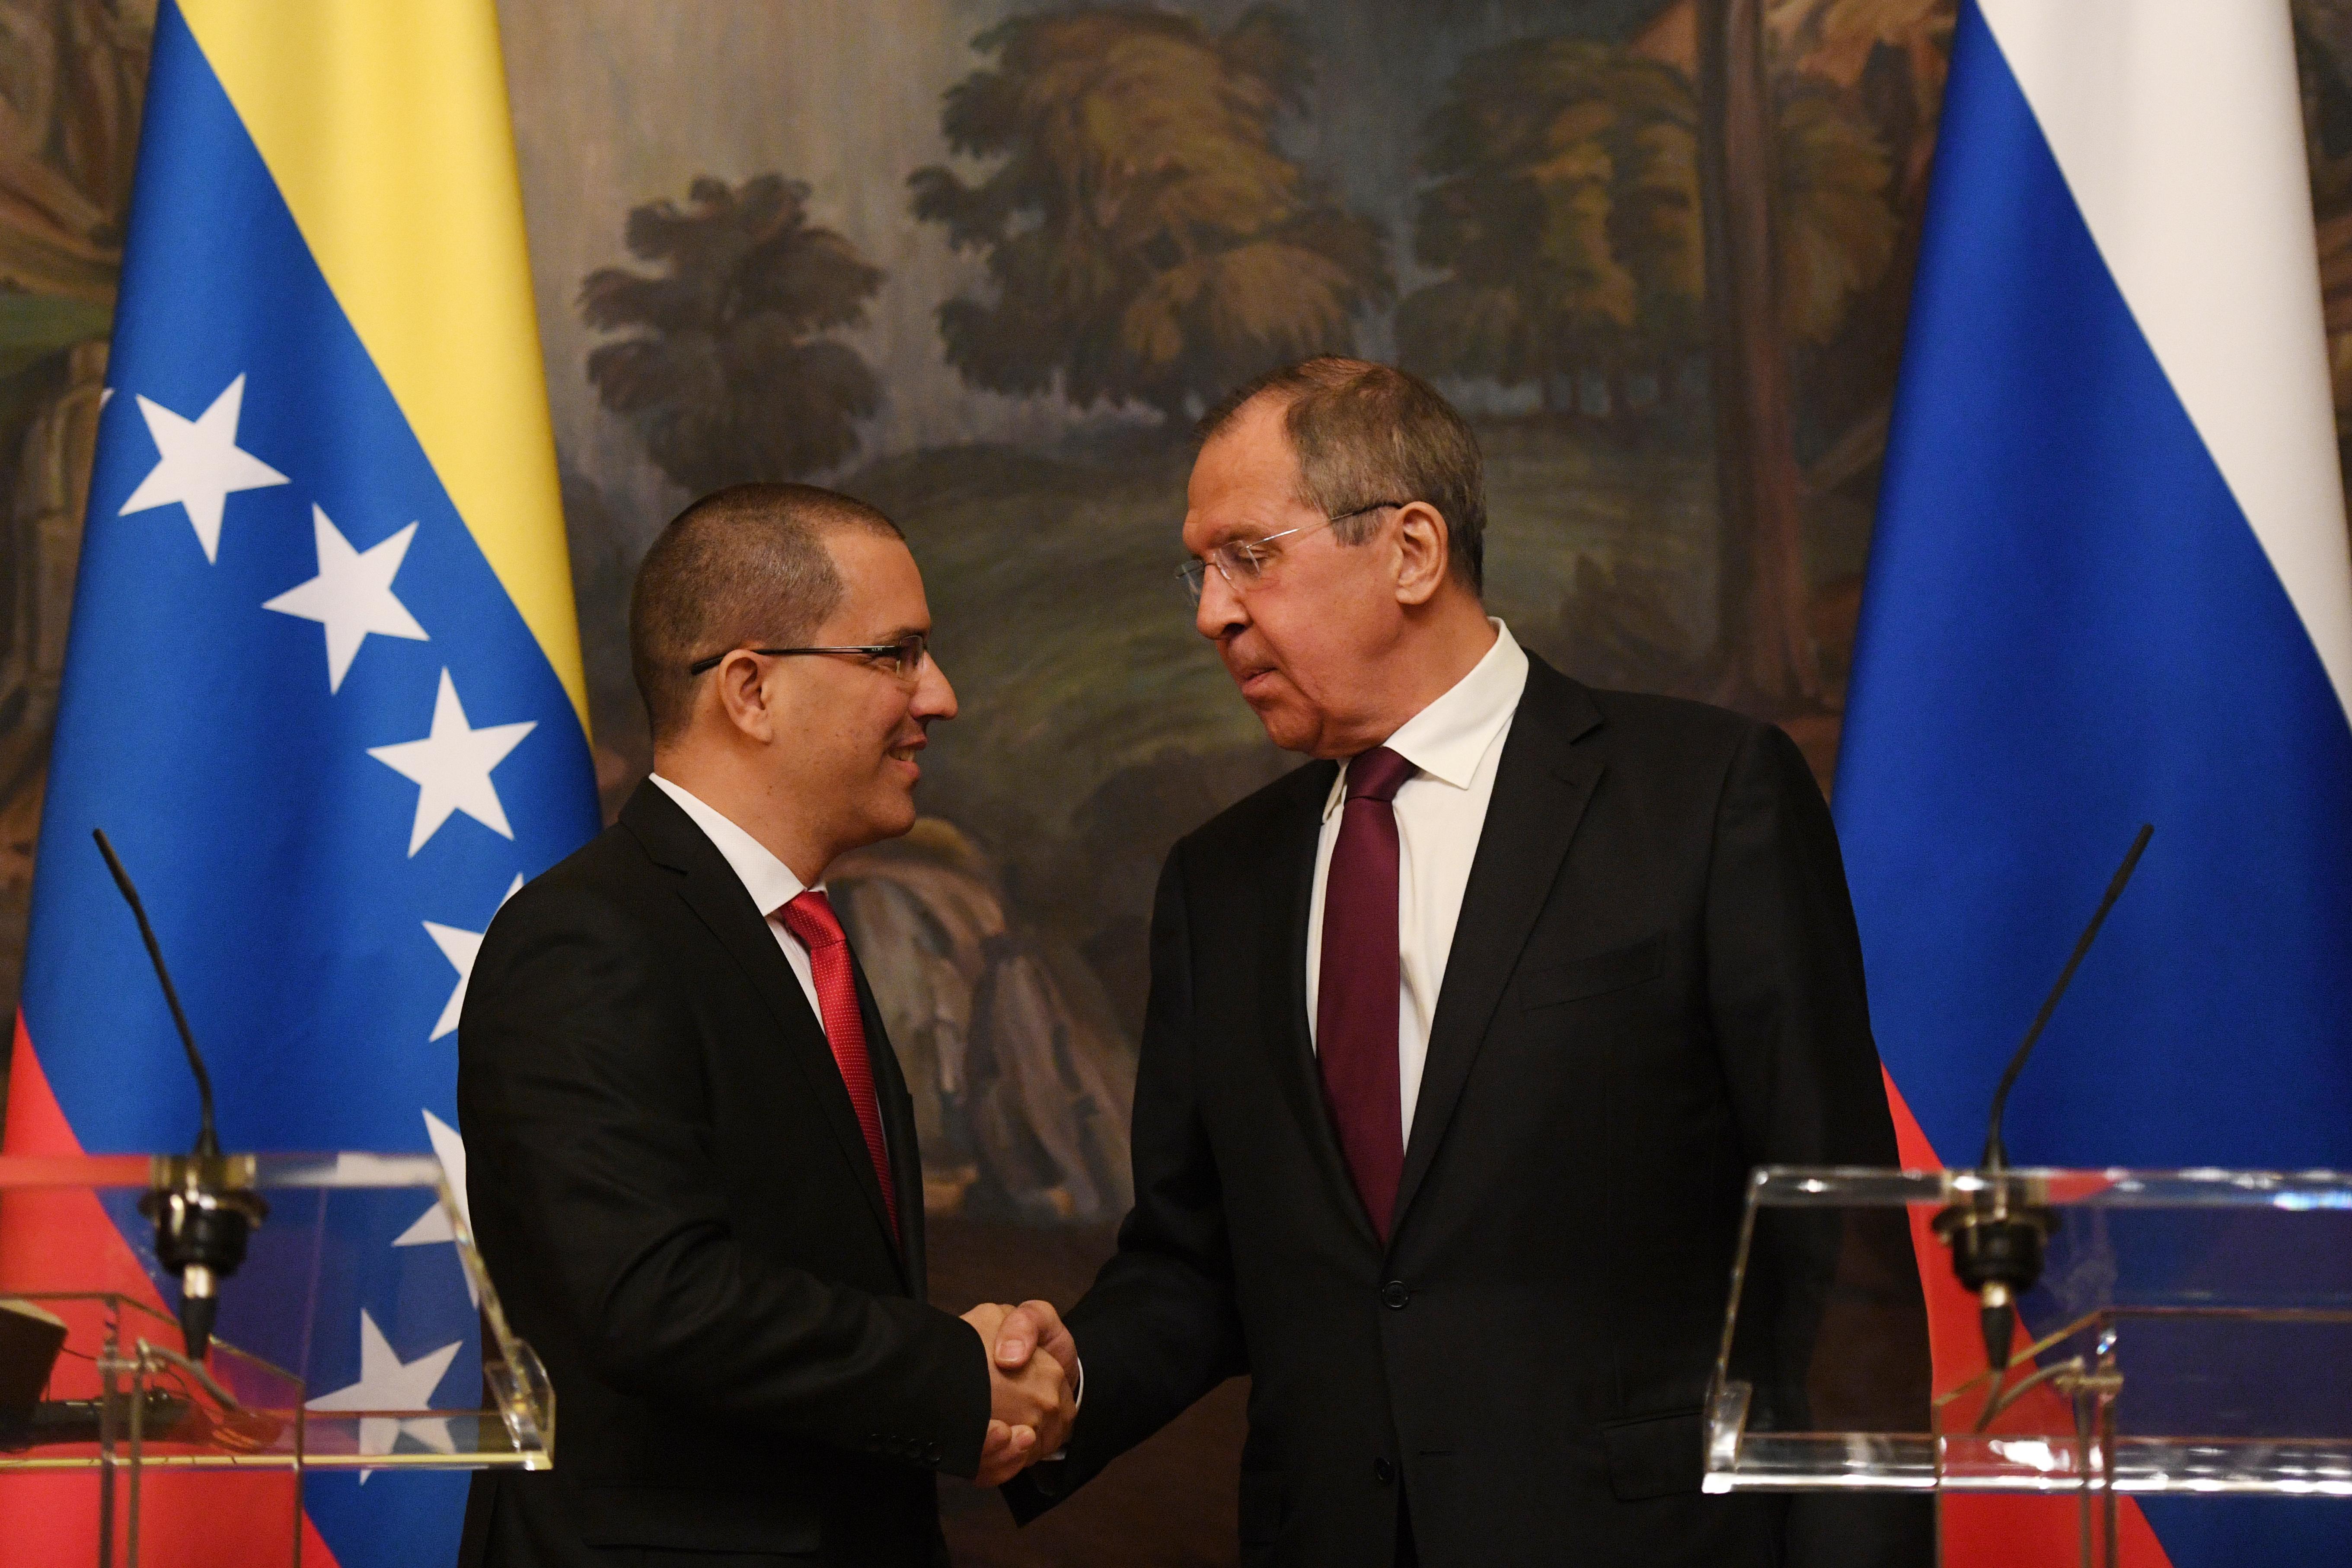 El funcionario chavista no descartó ampliar la presencia de militares rusos en territorio venezolano (AFP)